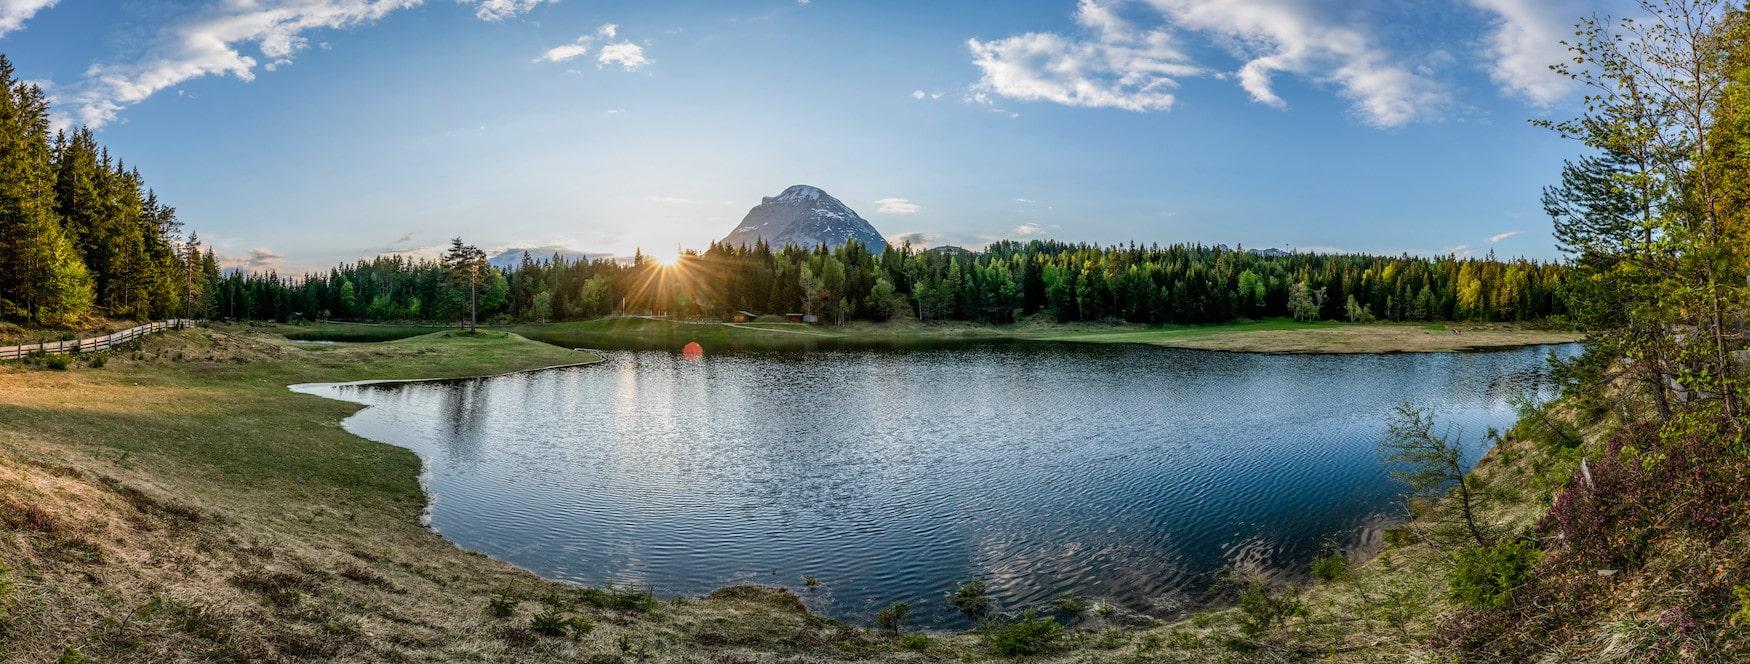 Lottensee in den österreichischen Alpen während eines schönen Sommertages